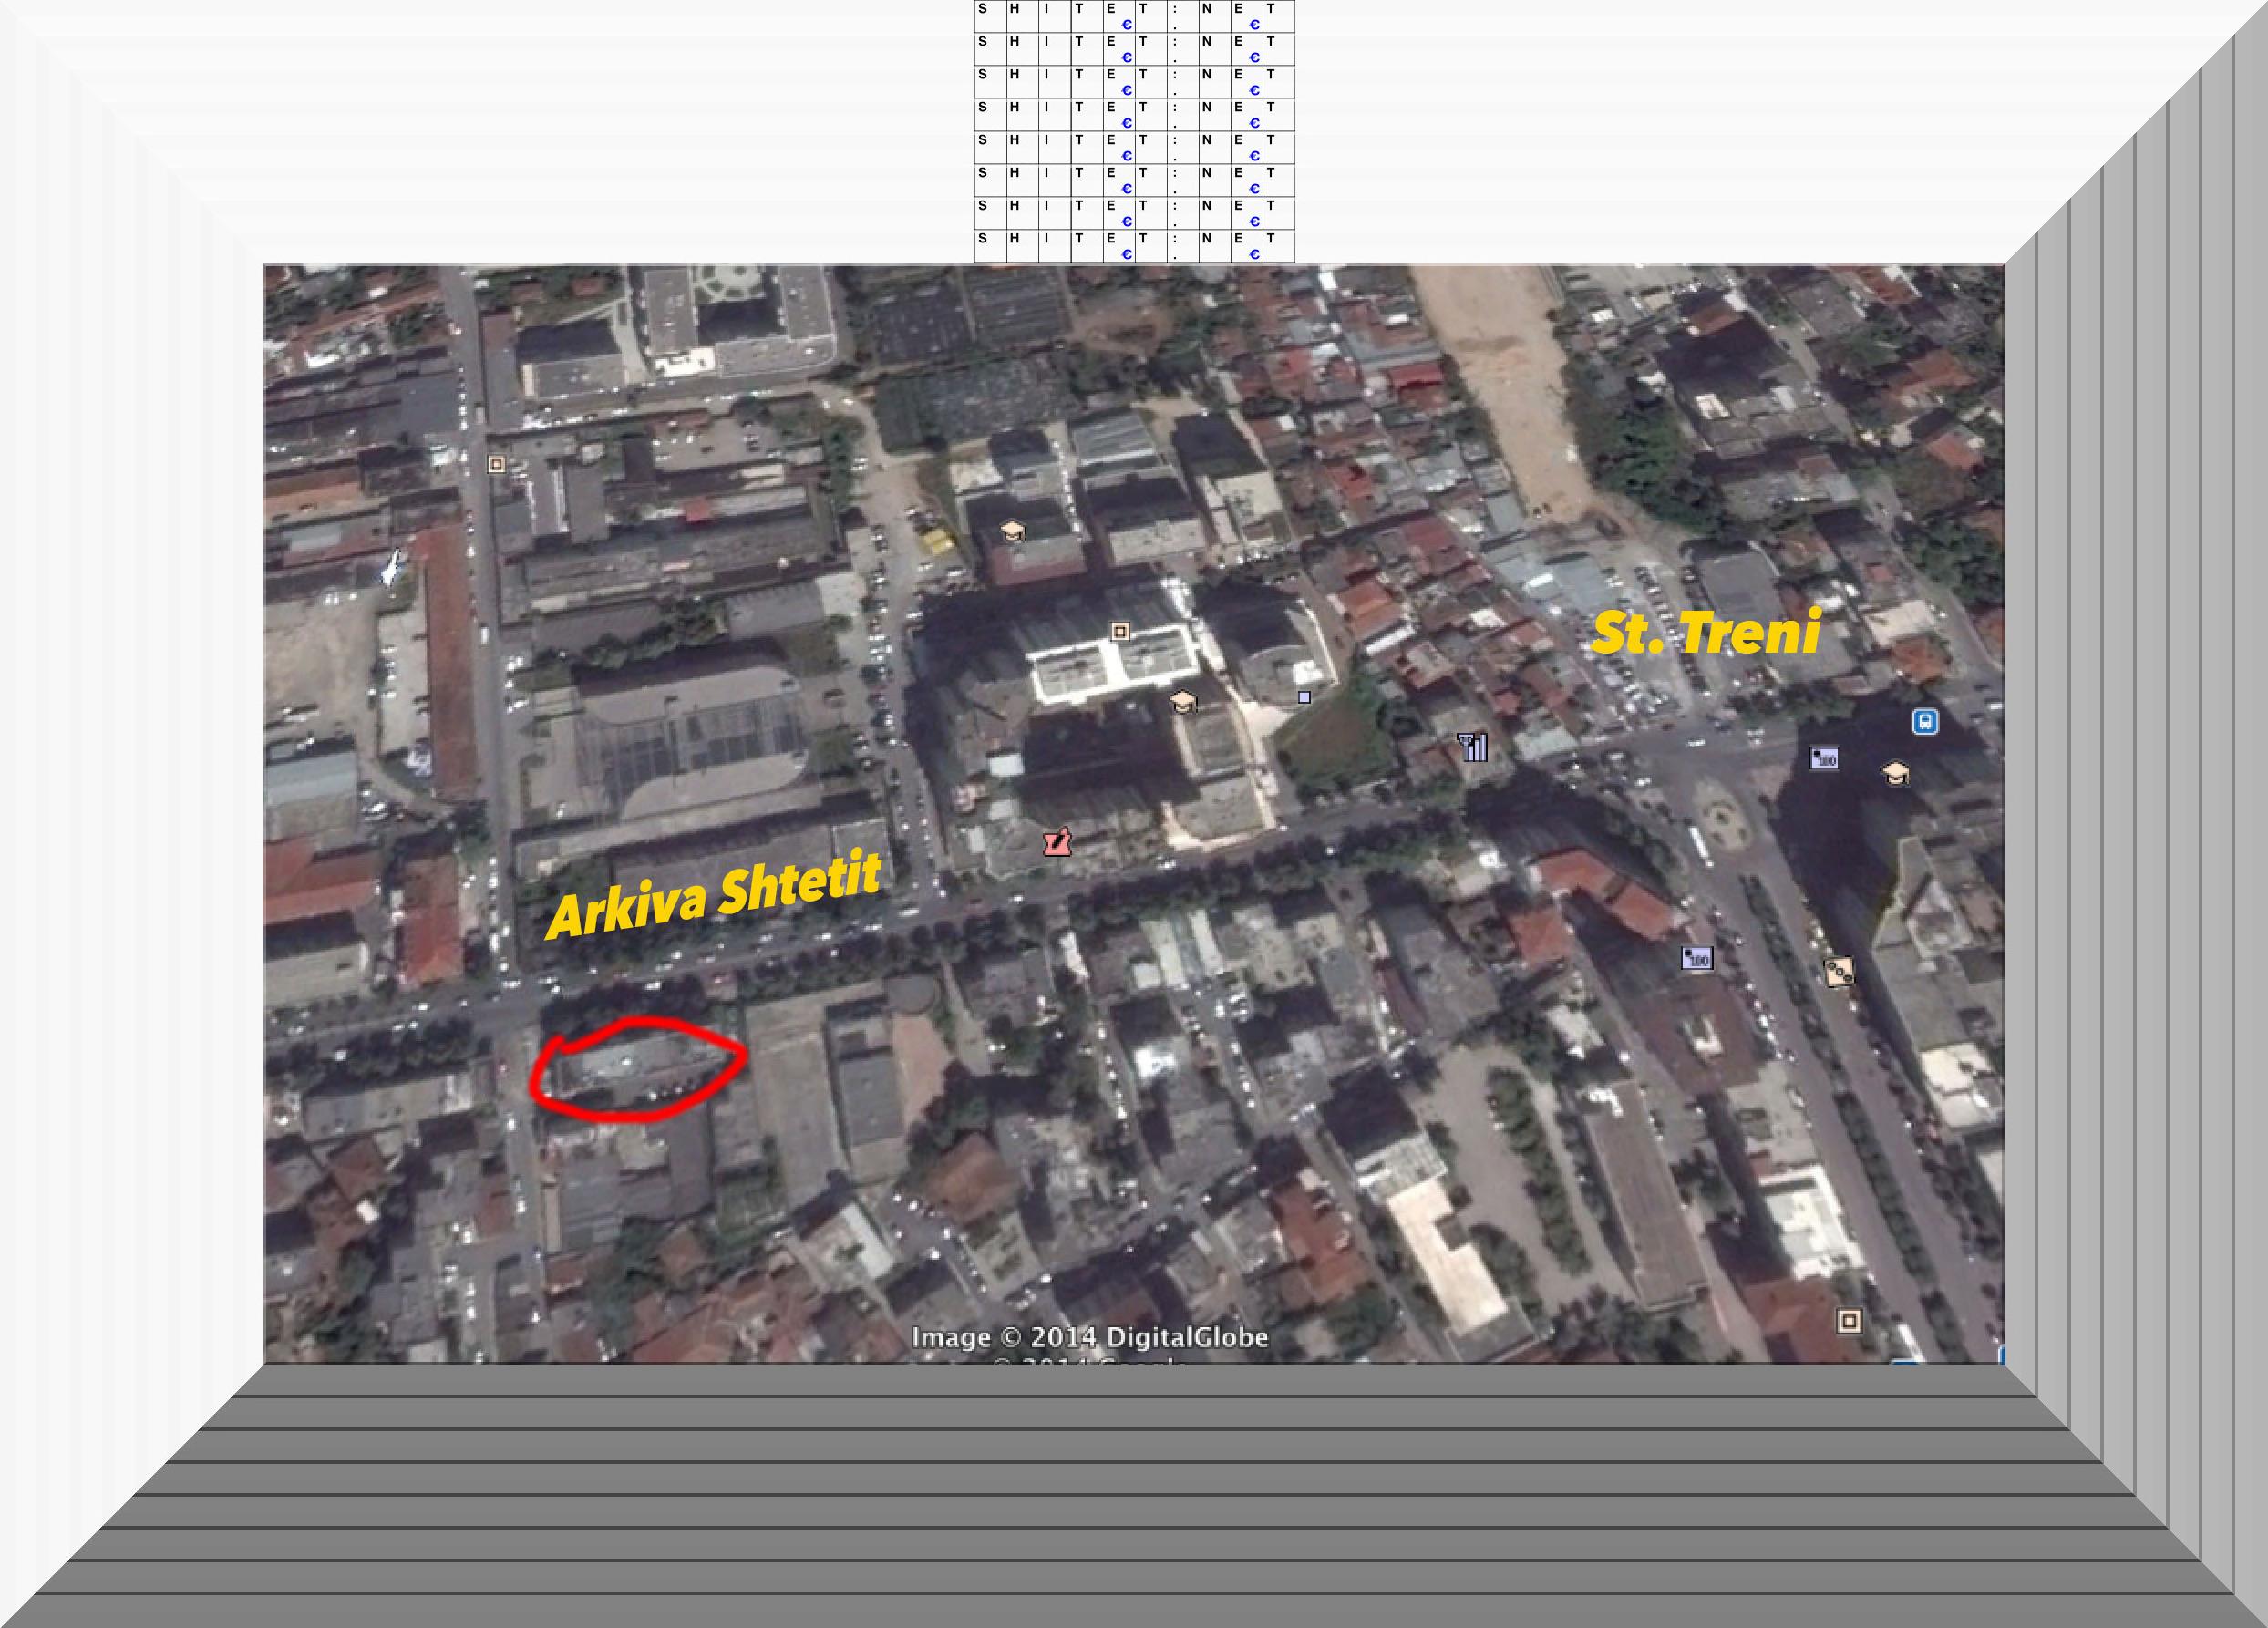 Apartamente ne Tirane prane Arkives se Shtetit tek Treni